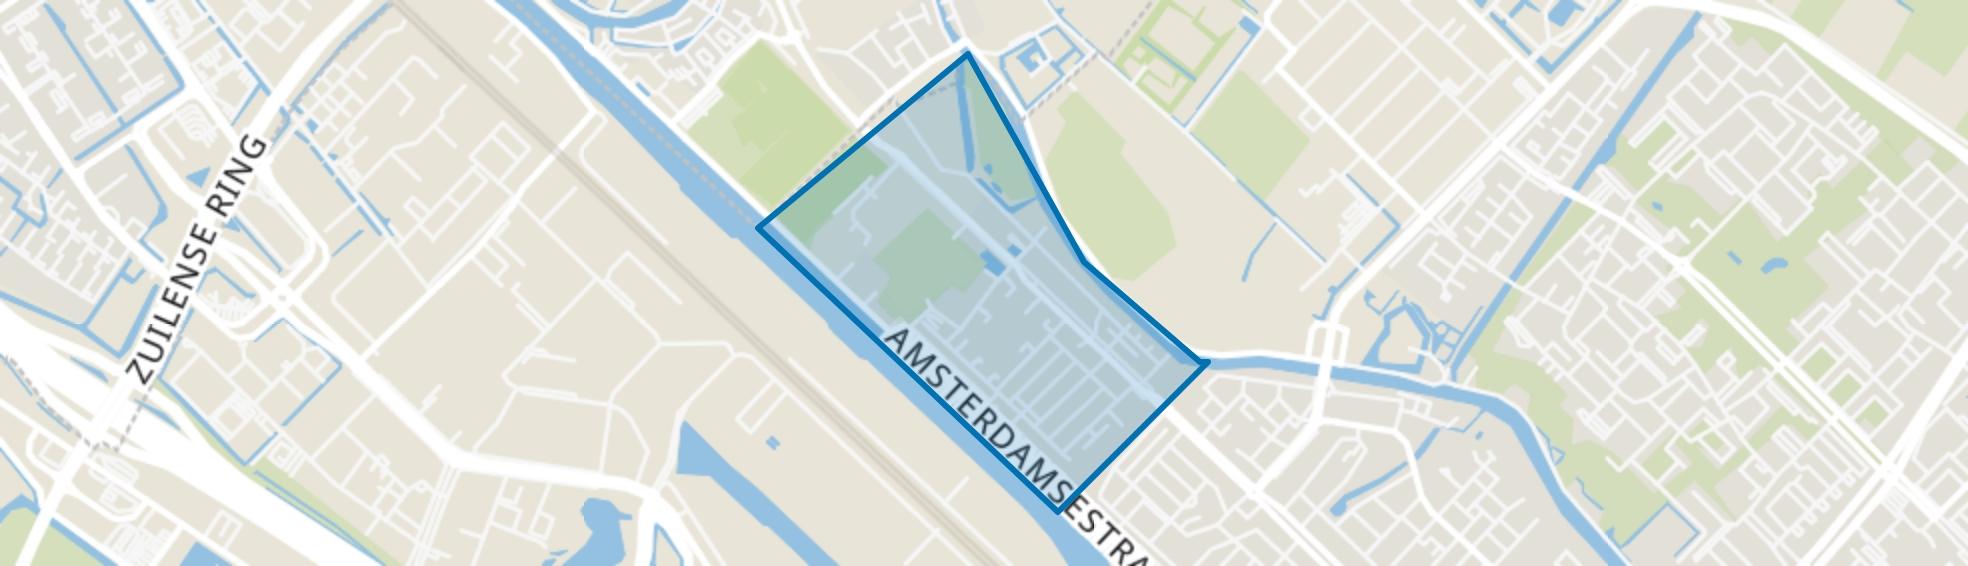 Zuilen-Noord, Utrecht map